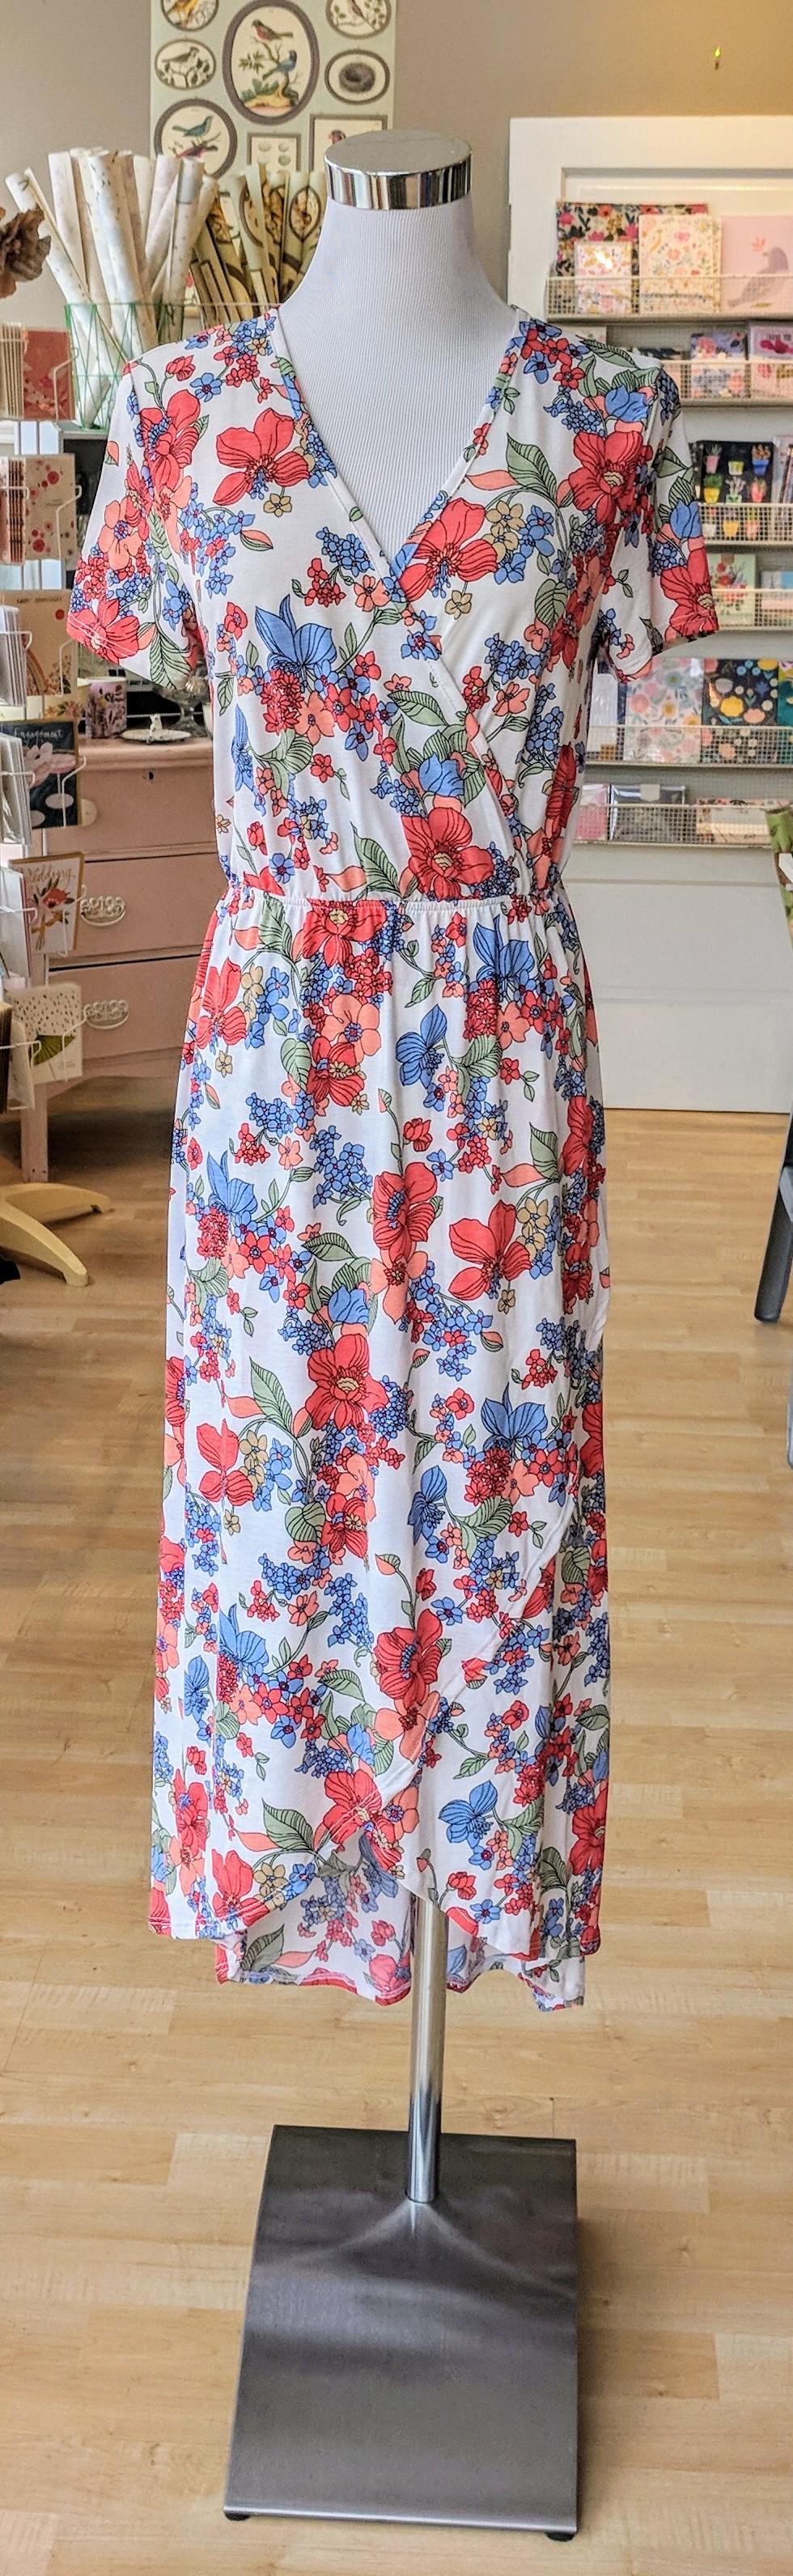 White floral midi layer dress $38